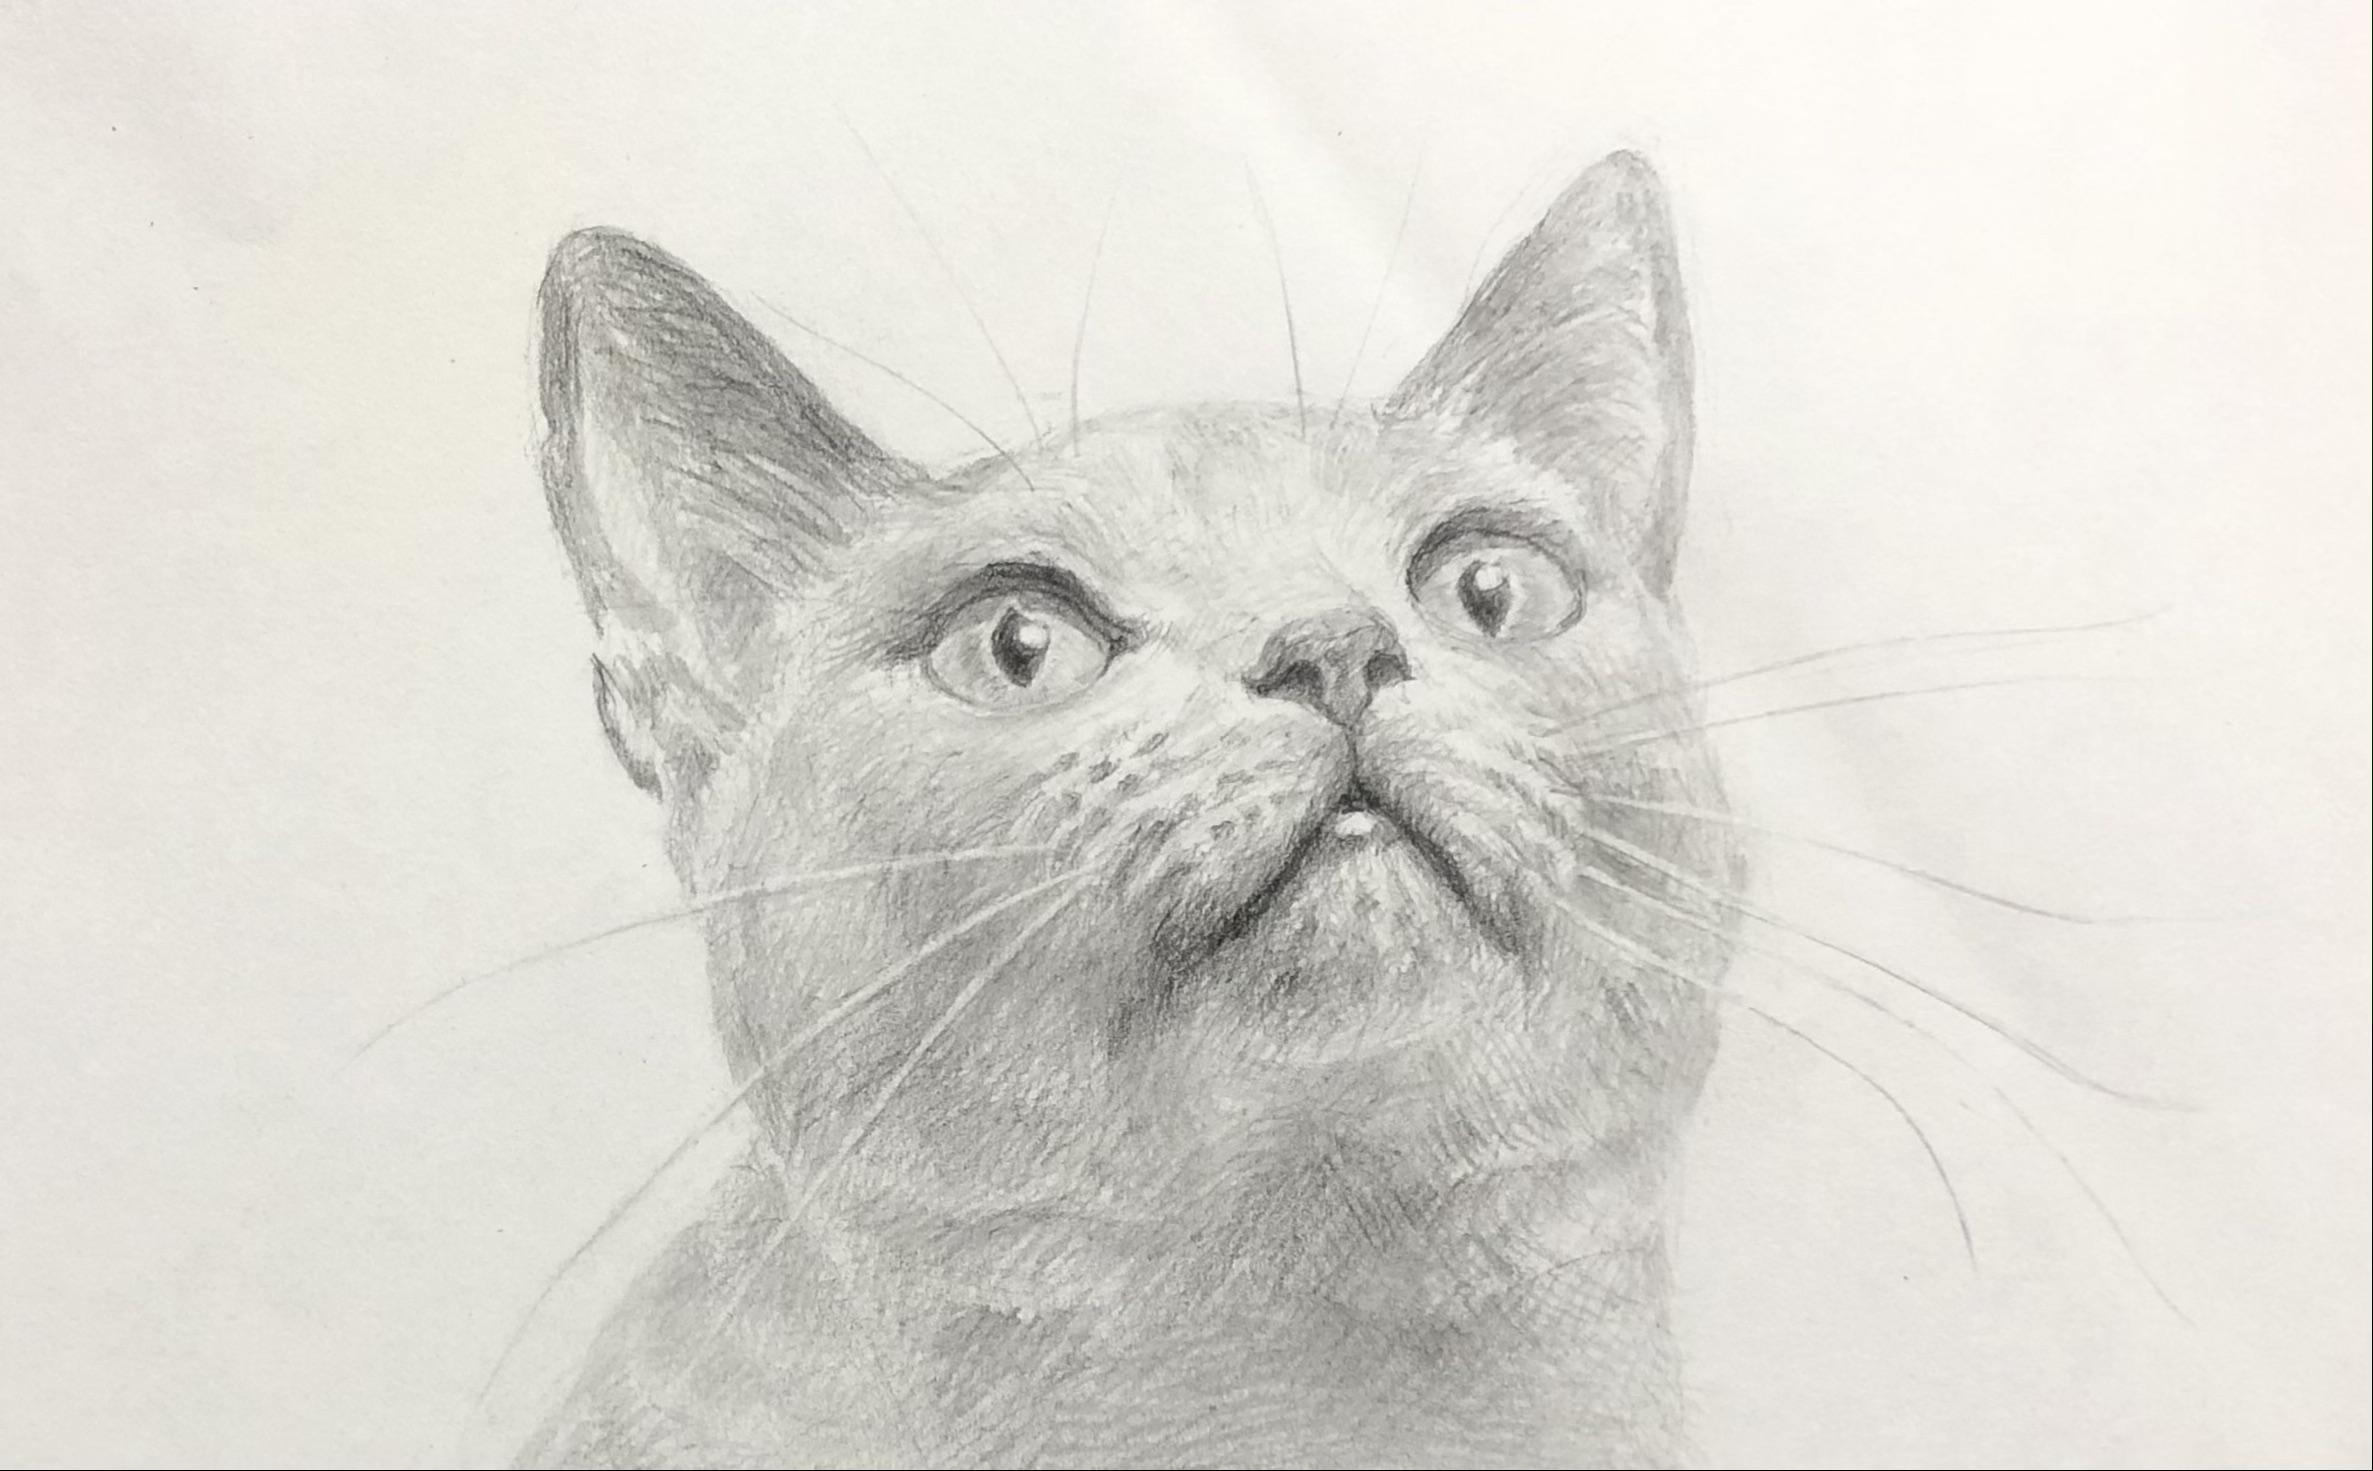 動物の絵の描き方を初心者にも簡単に解説!今回は「猫」の描き方を見ていきます。